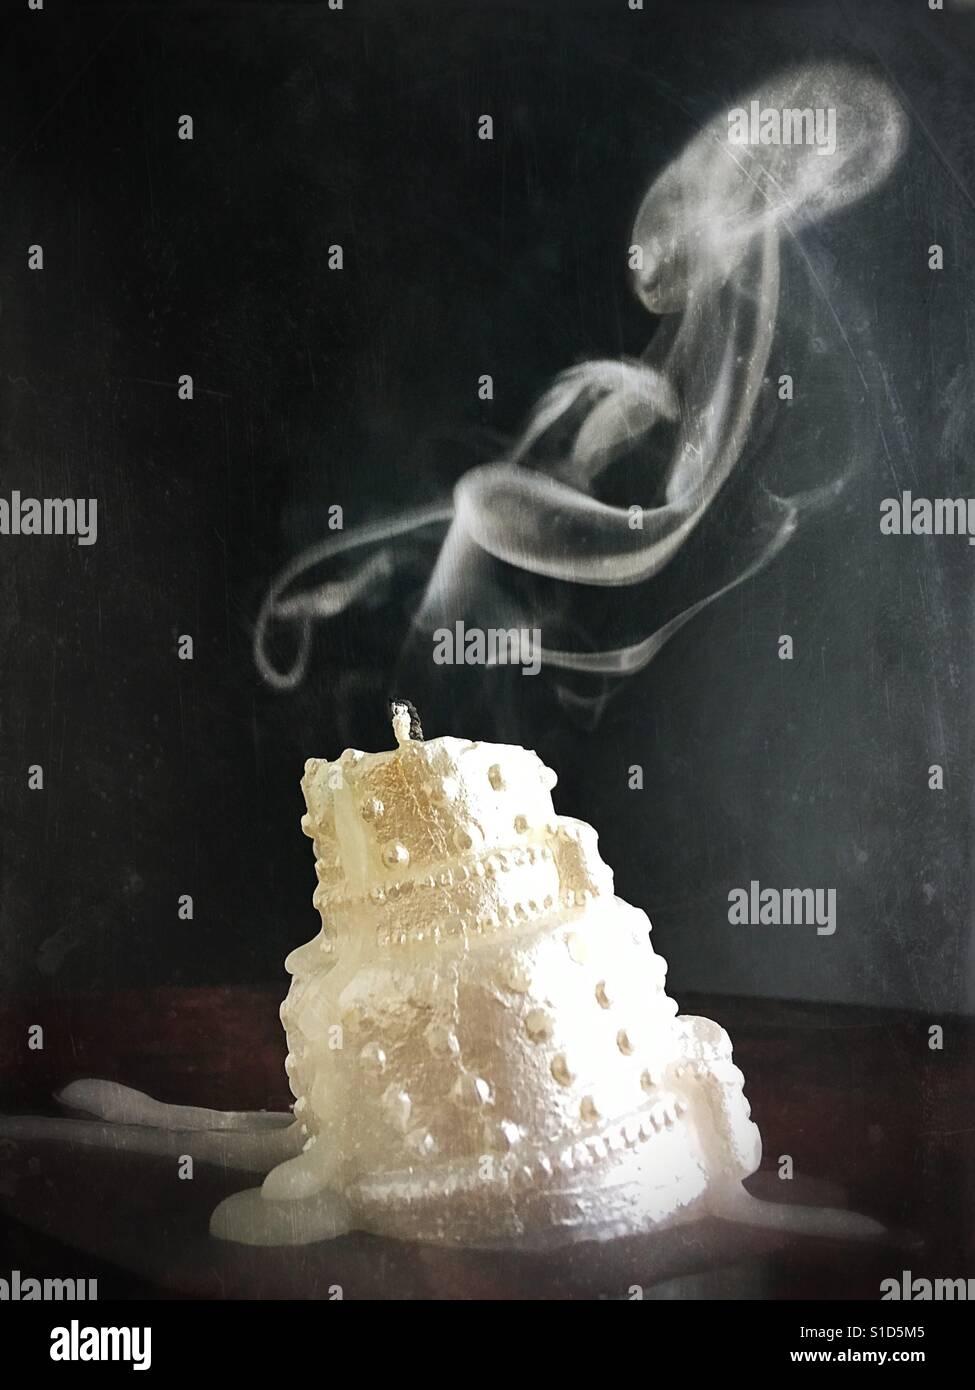 Ein erloschener Hochzeitstorte Kerze. Stockfoto